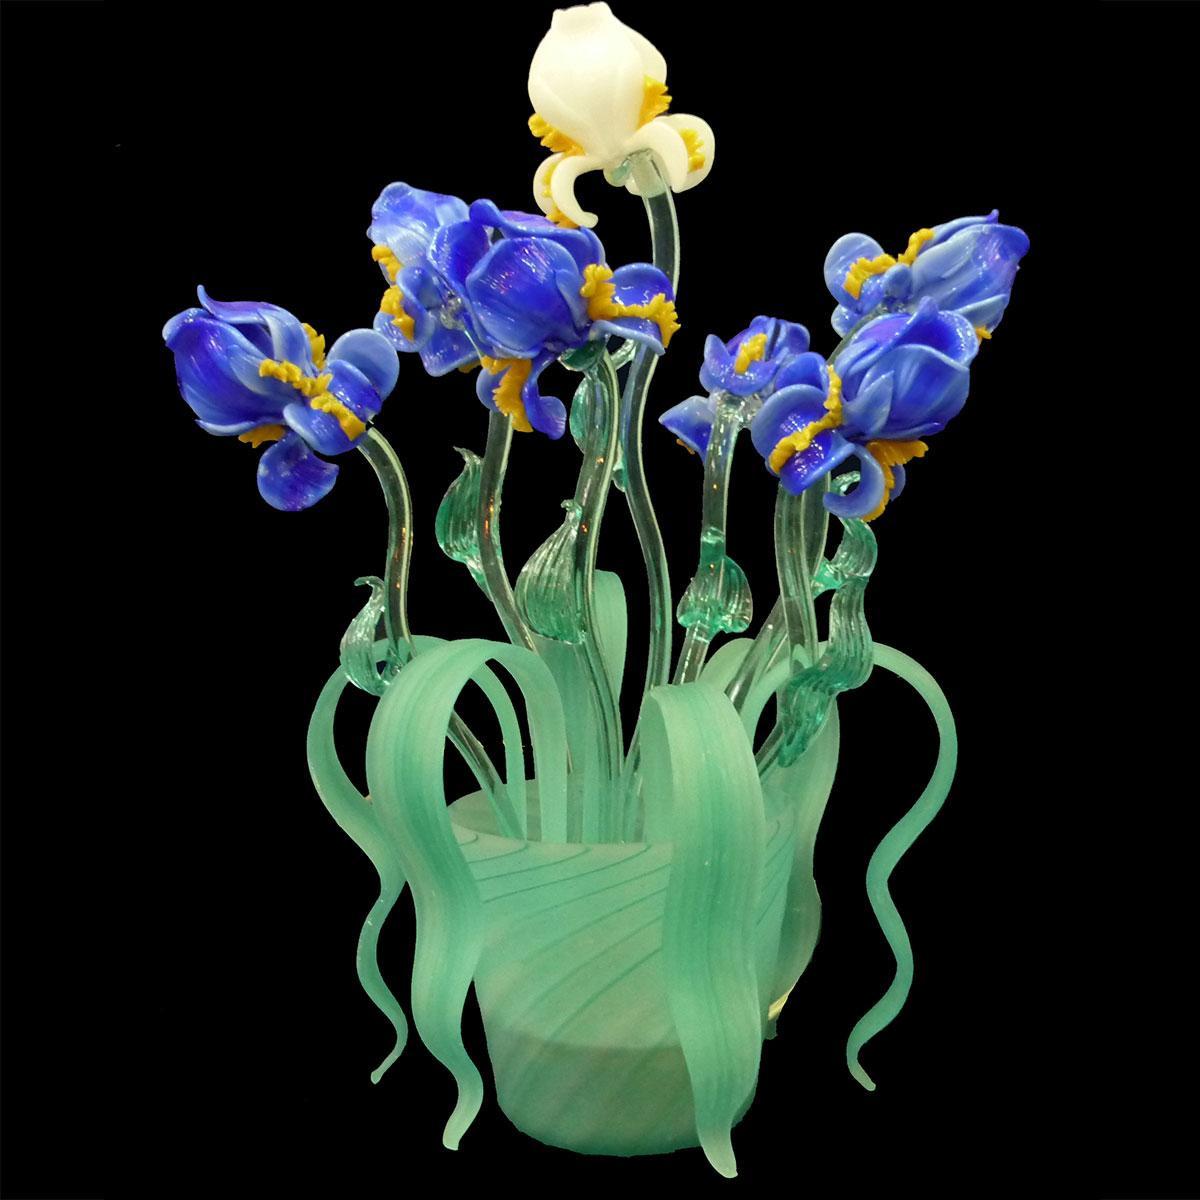 iris blu lampe de chevet en verre de murano murano. Black Bedroom Furniture Sets. Home Design Ideas